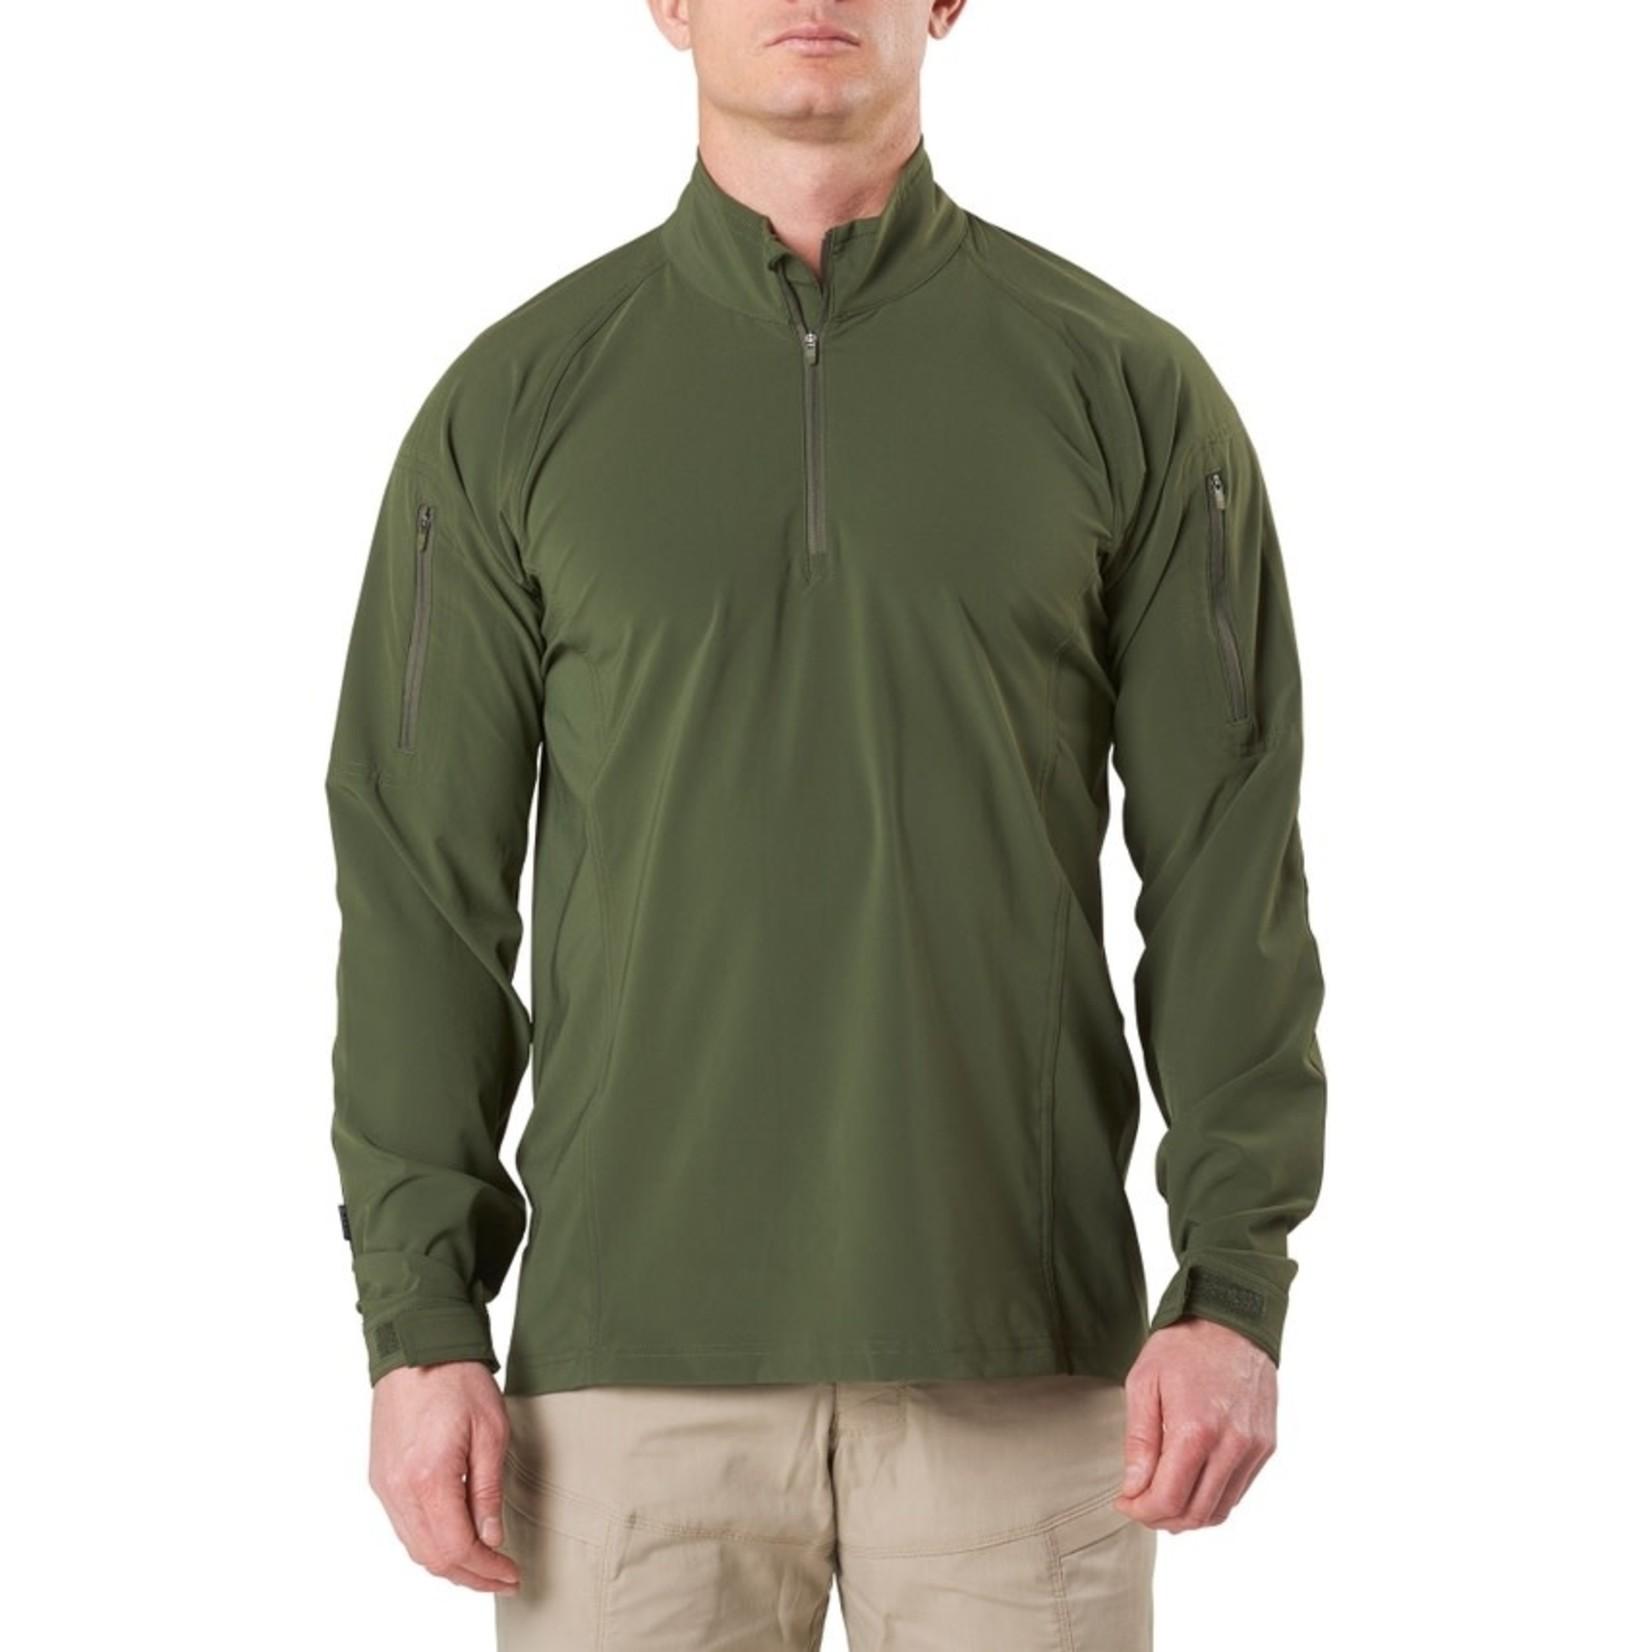 5.11 Tactical 5.11 Men's W/P Rapid Ops Shirt-Medium